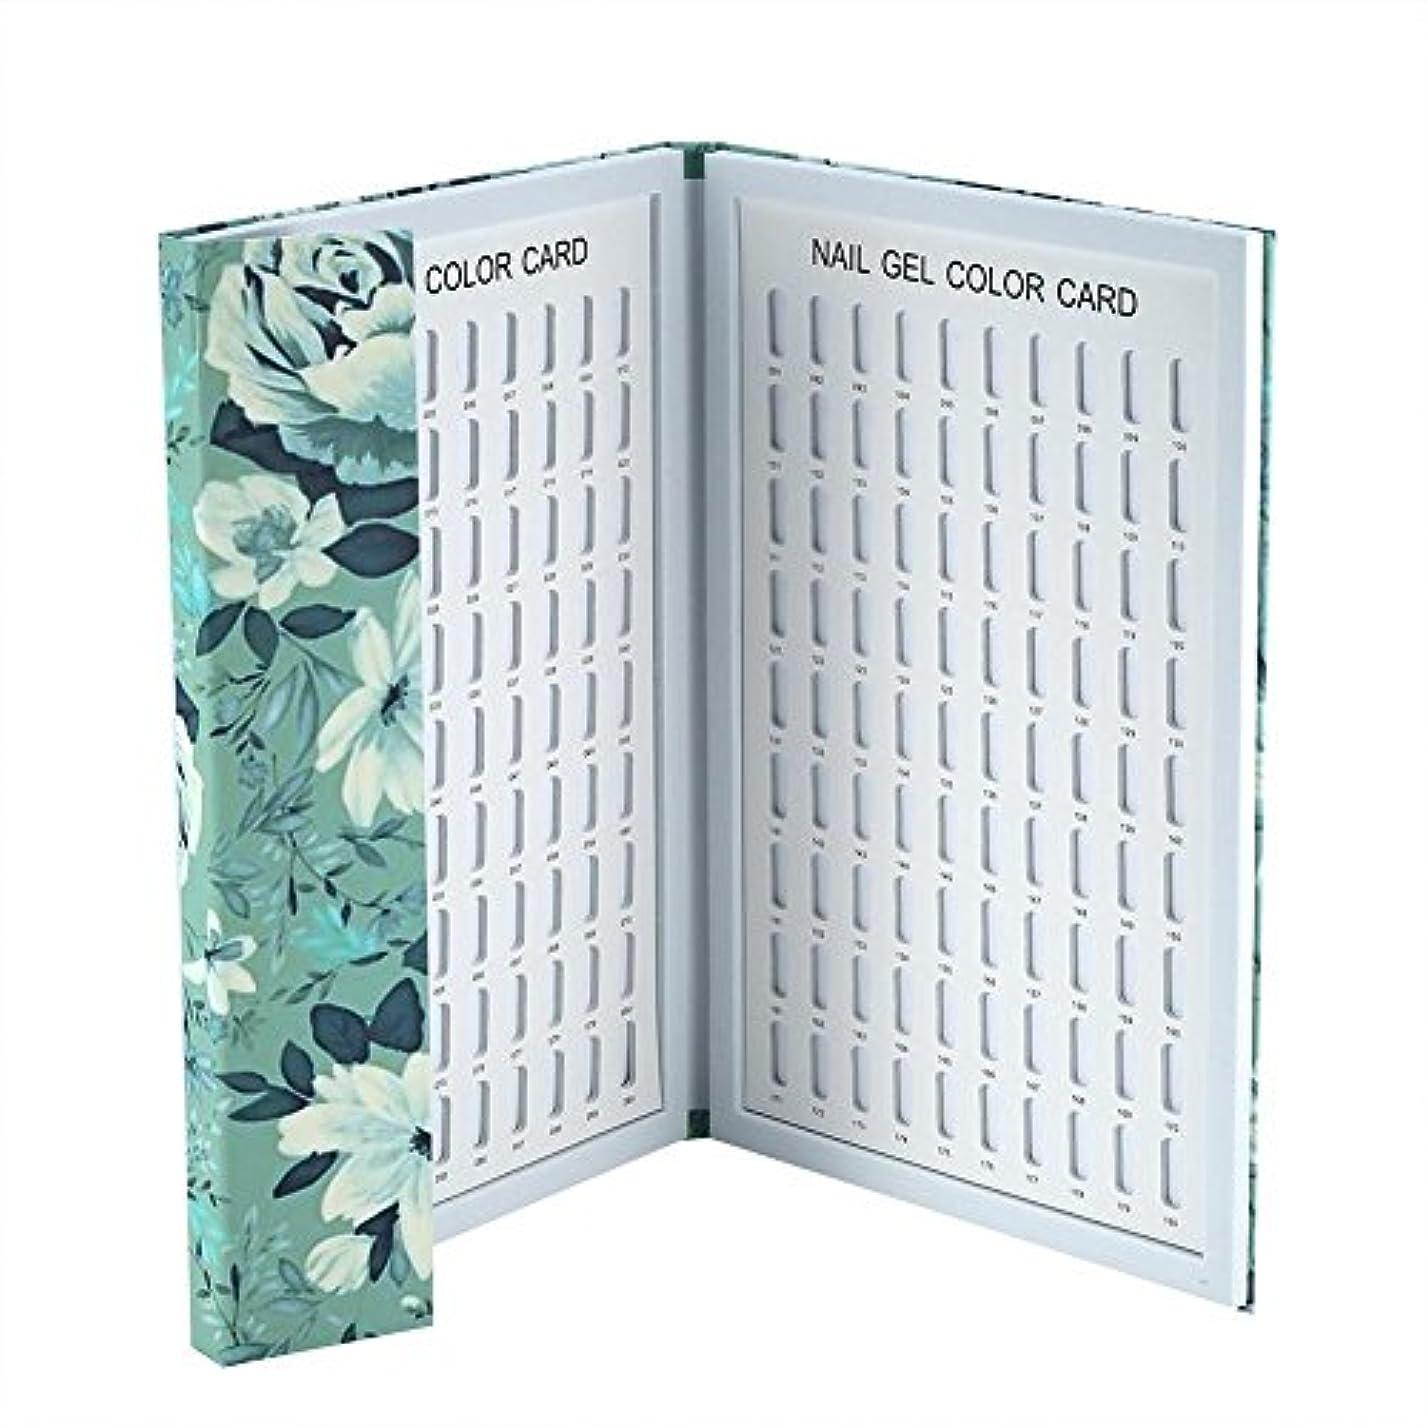 エキス補正いつかカラーチャート ネイル - Delaman ネイル 色見本、ブック型、180色、カラーガイド、ジェルネイル、サンプル帳、ネイルアート、サロン、青/緑 (Color : 緑)